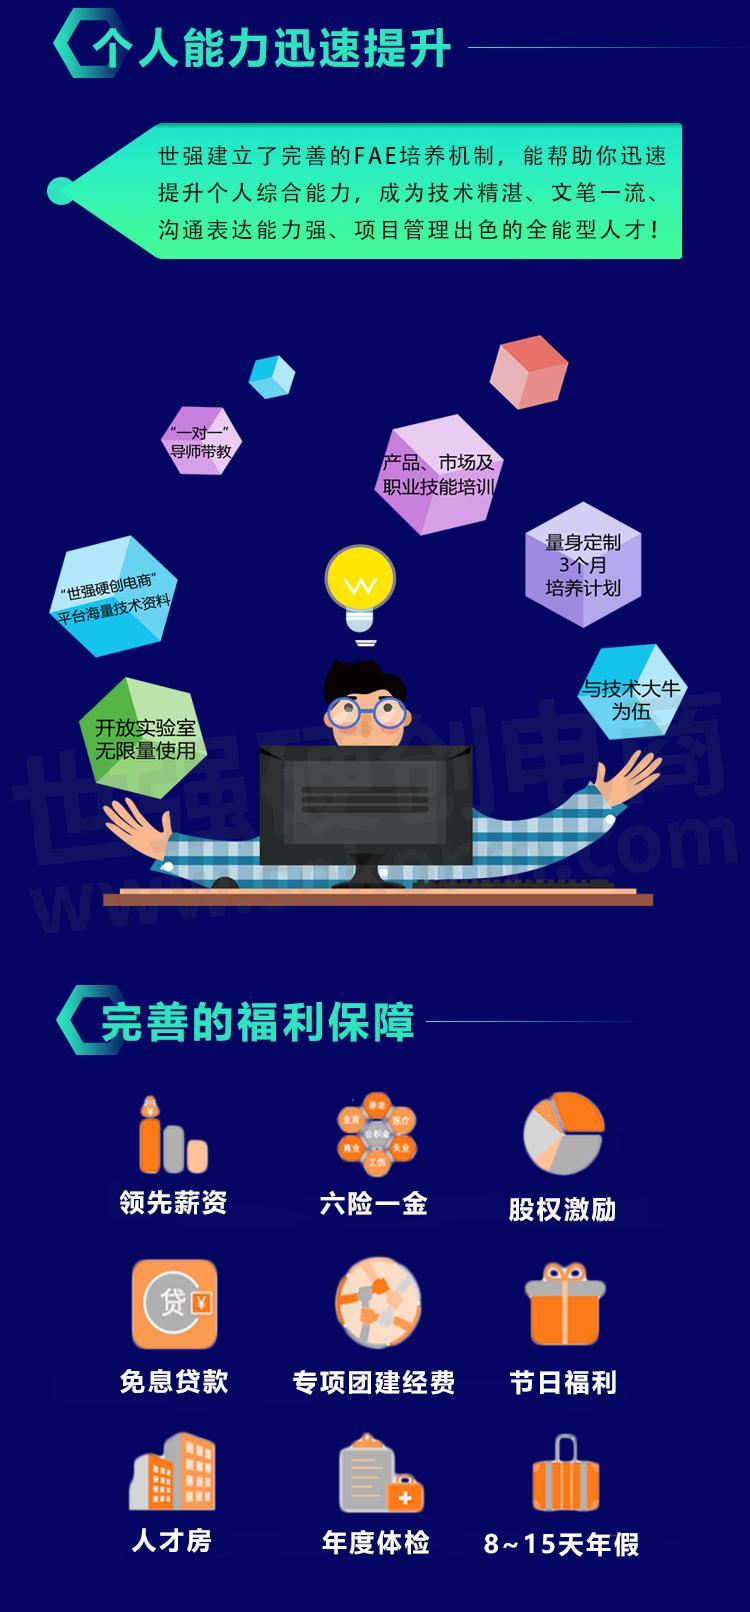 招聘海报更新版_03.png